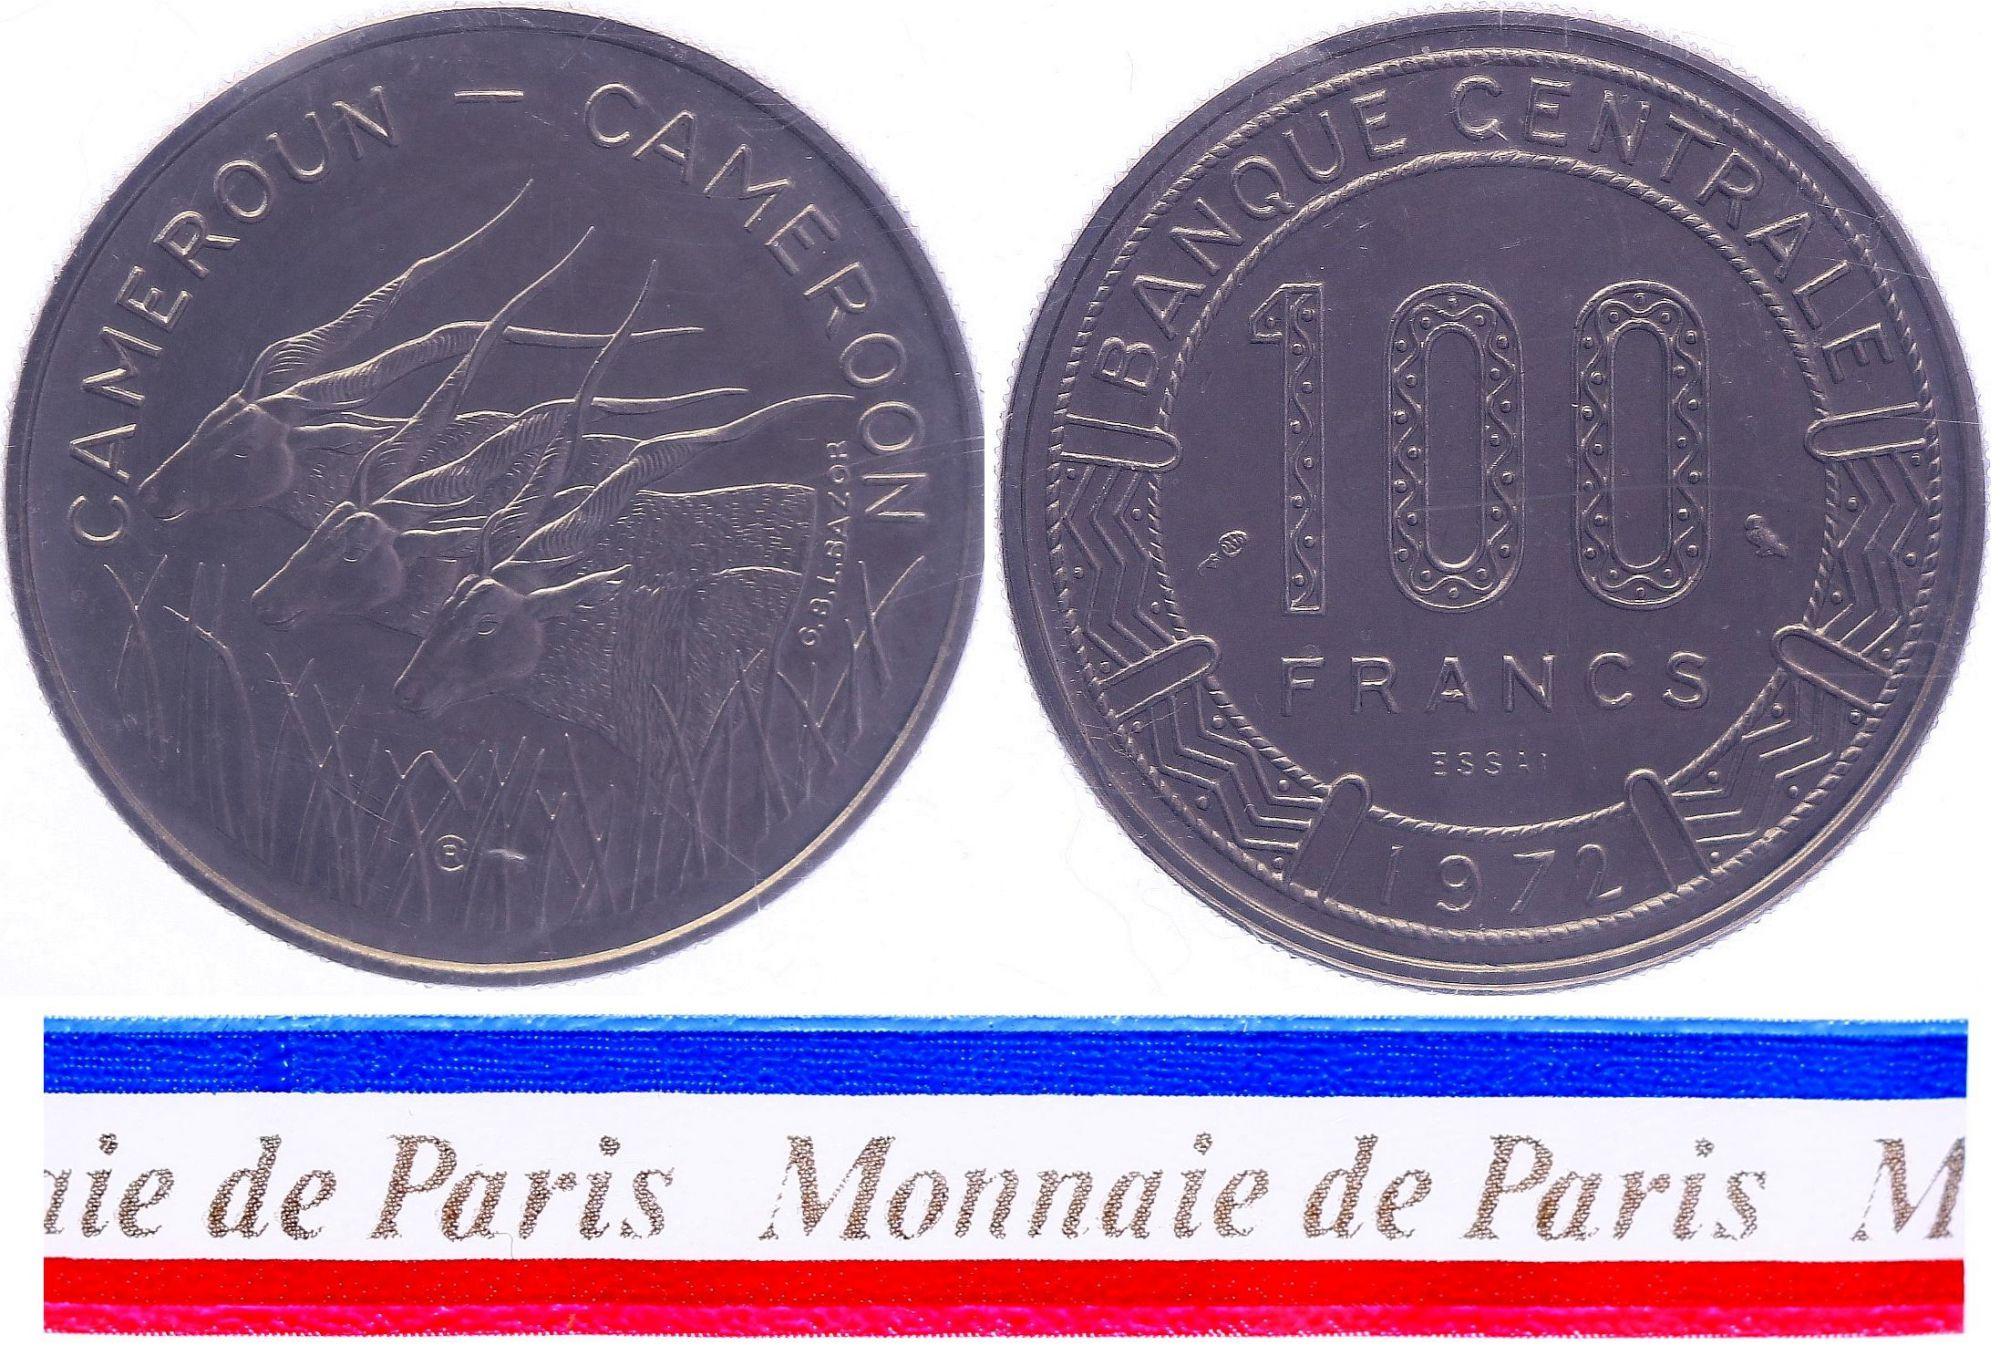 Cameroun 100 Francs - 1972 - Essai